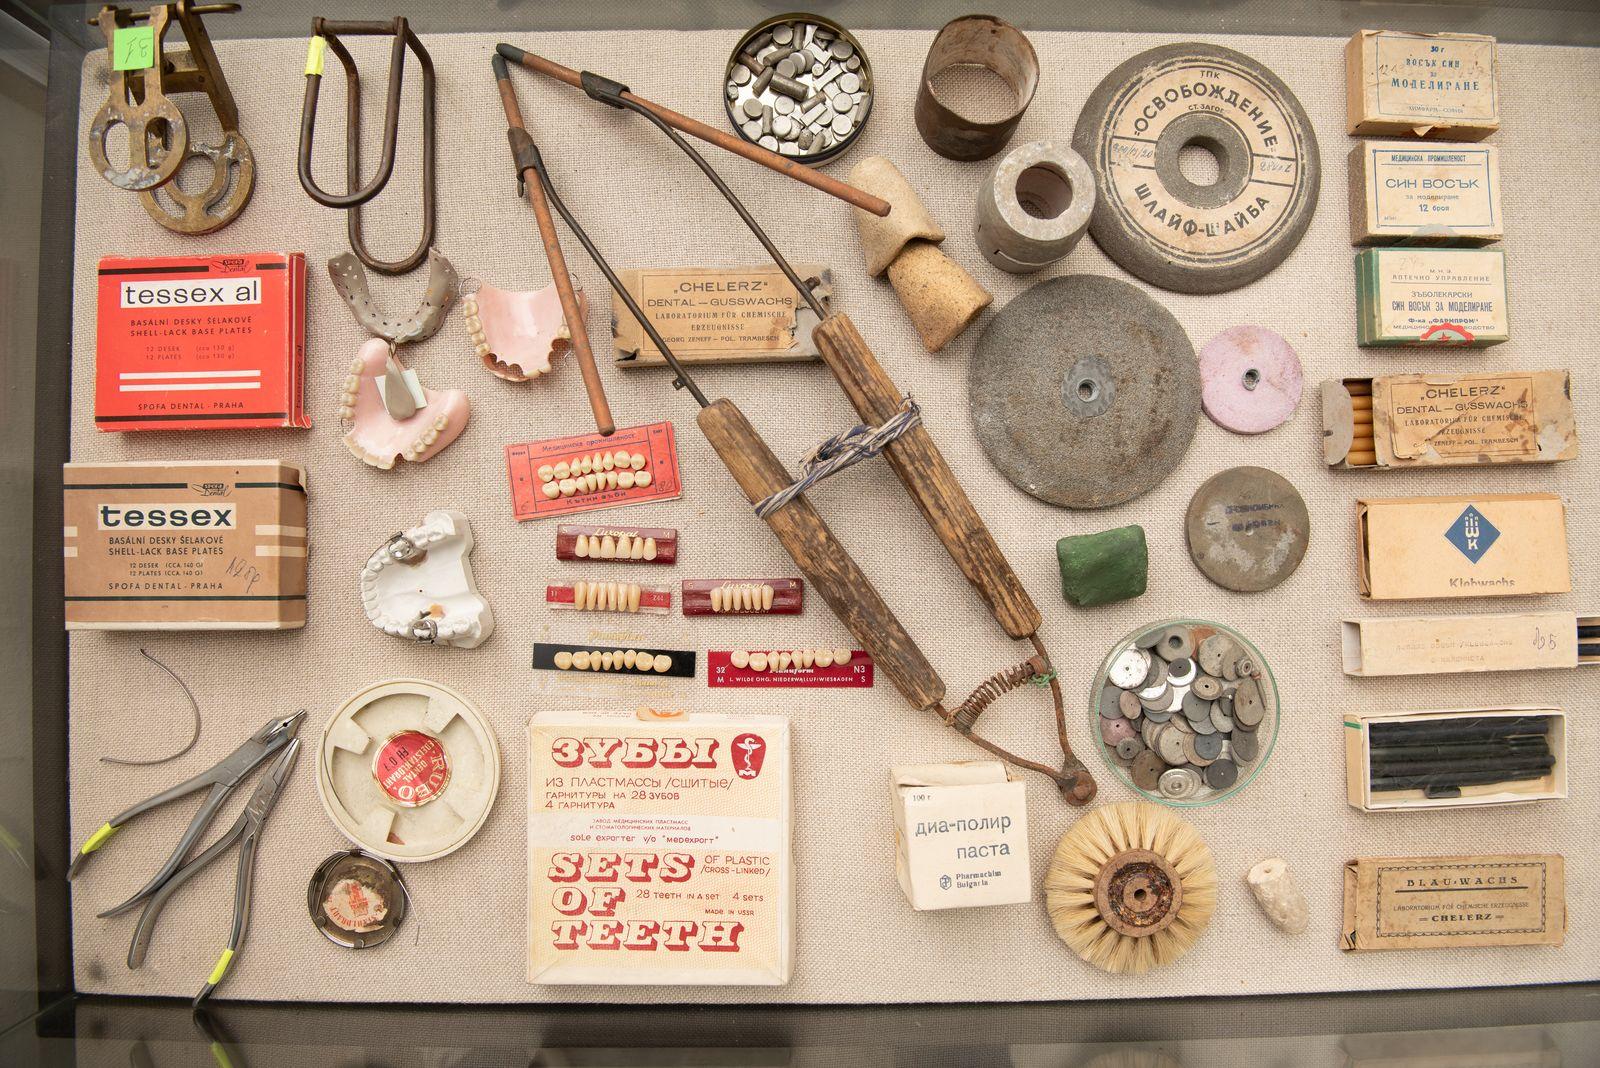 Muzei221_Зъботехнически инструменти, материали и пособия, необходими за изработване на ортодонтски апарати, шини и зъбопротезни конструкции за възстано